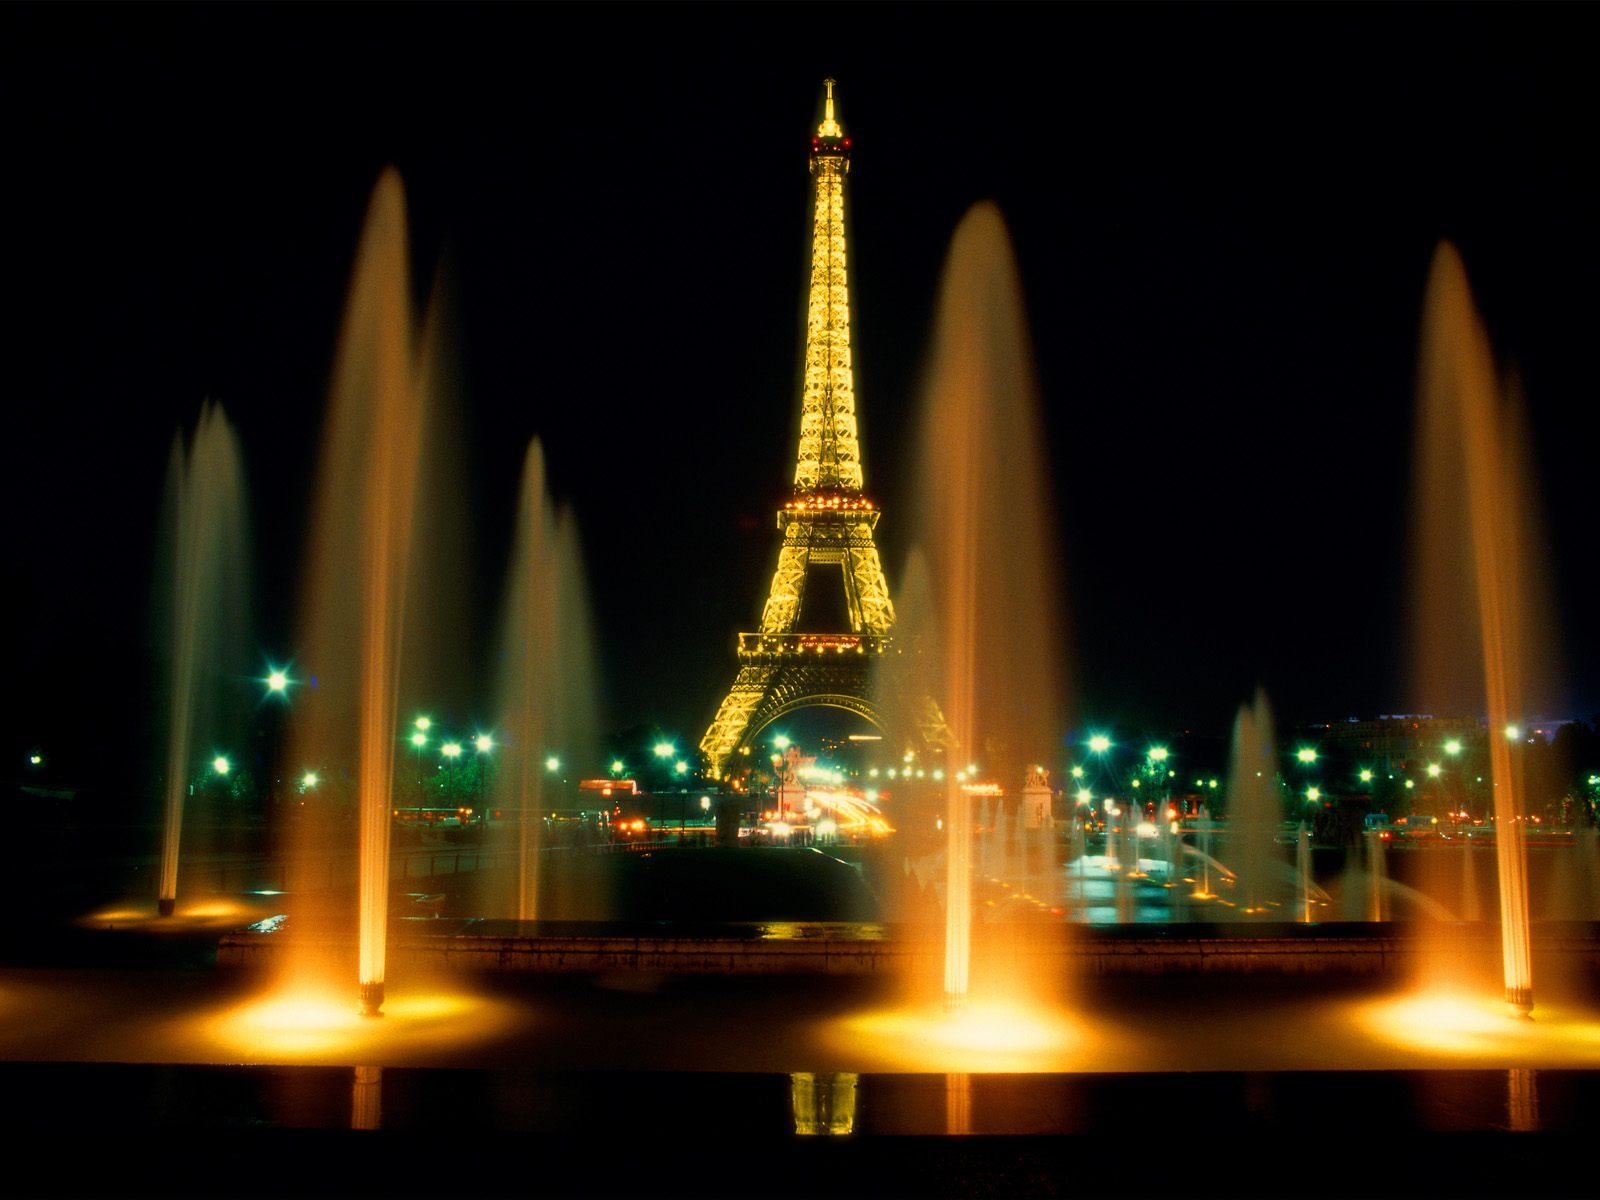 http://3.bp.blogspot.com/-UwACyCaOI_I/T7jX5h_awTI/AAAAAAAABPs/UeQ6_sQTMEE/s1600/Eiffel_Tower%252C_Night.jpg